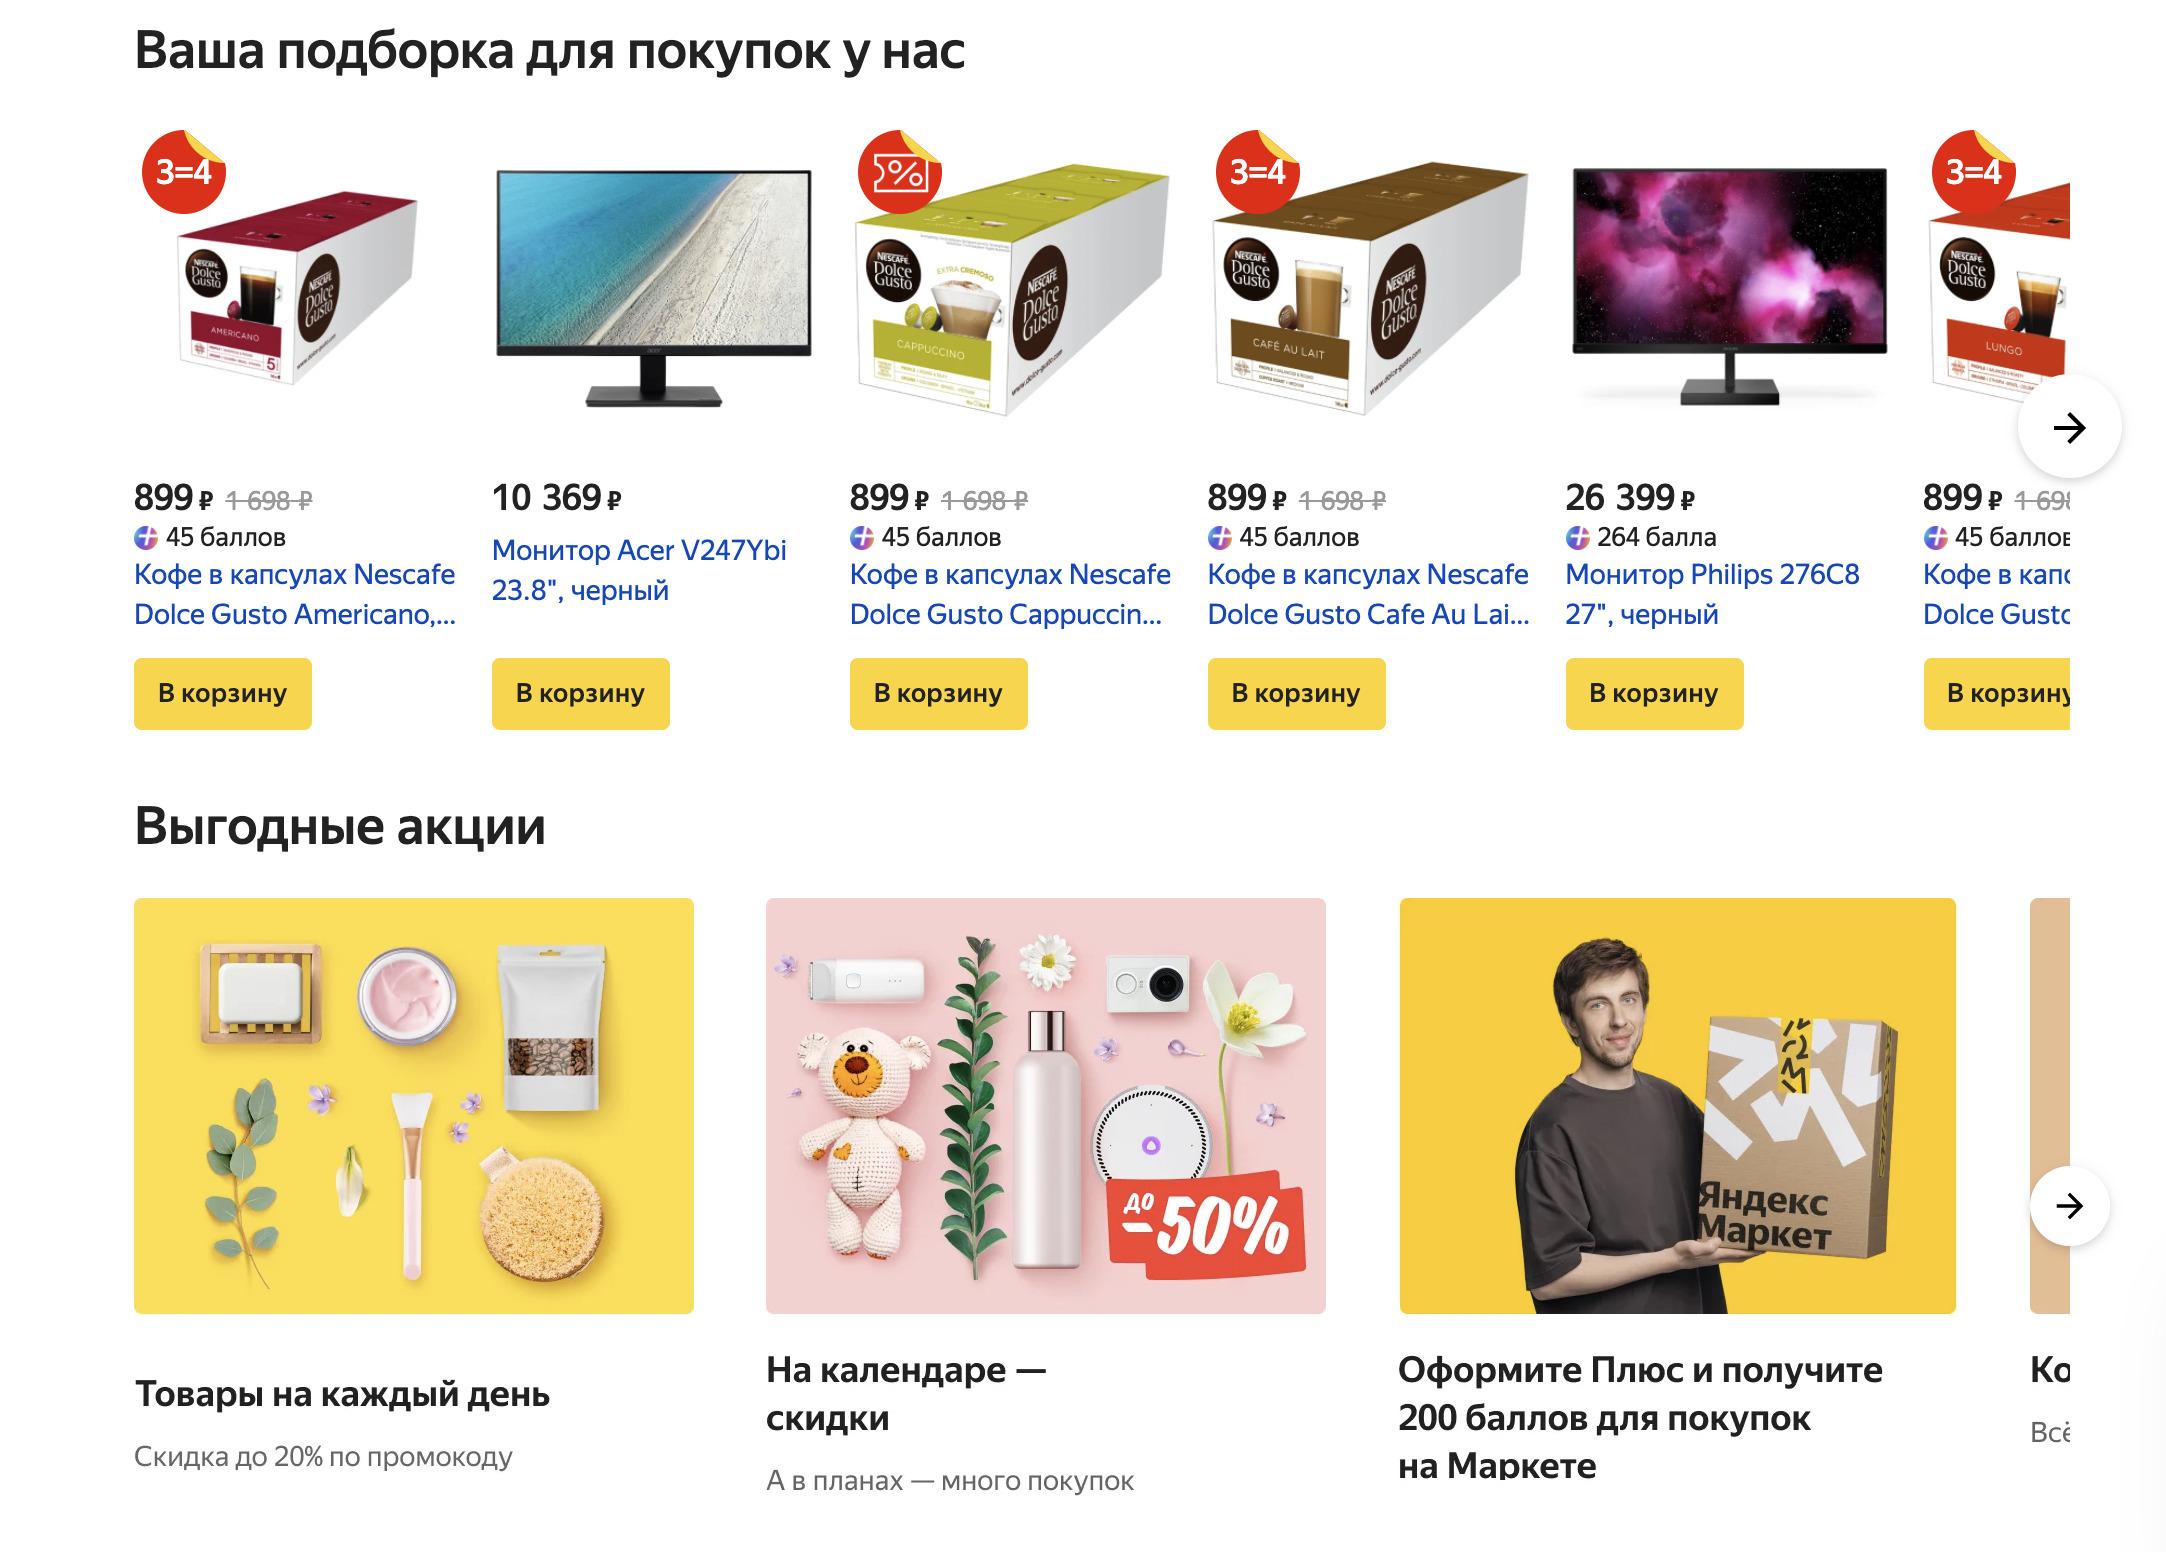 Доставка из Яндекс.Маркет в Астраханскую область, сроки, пункты выдачи, каталог